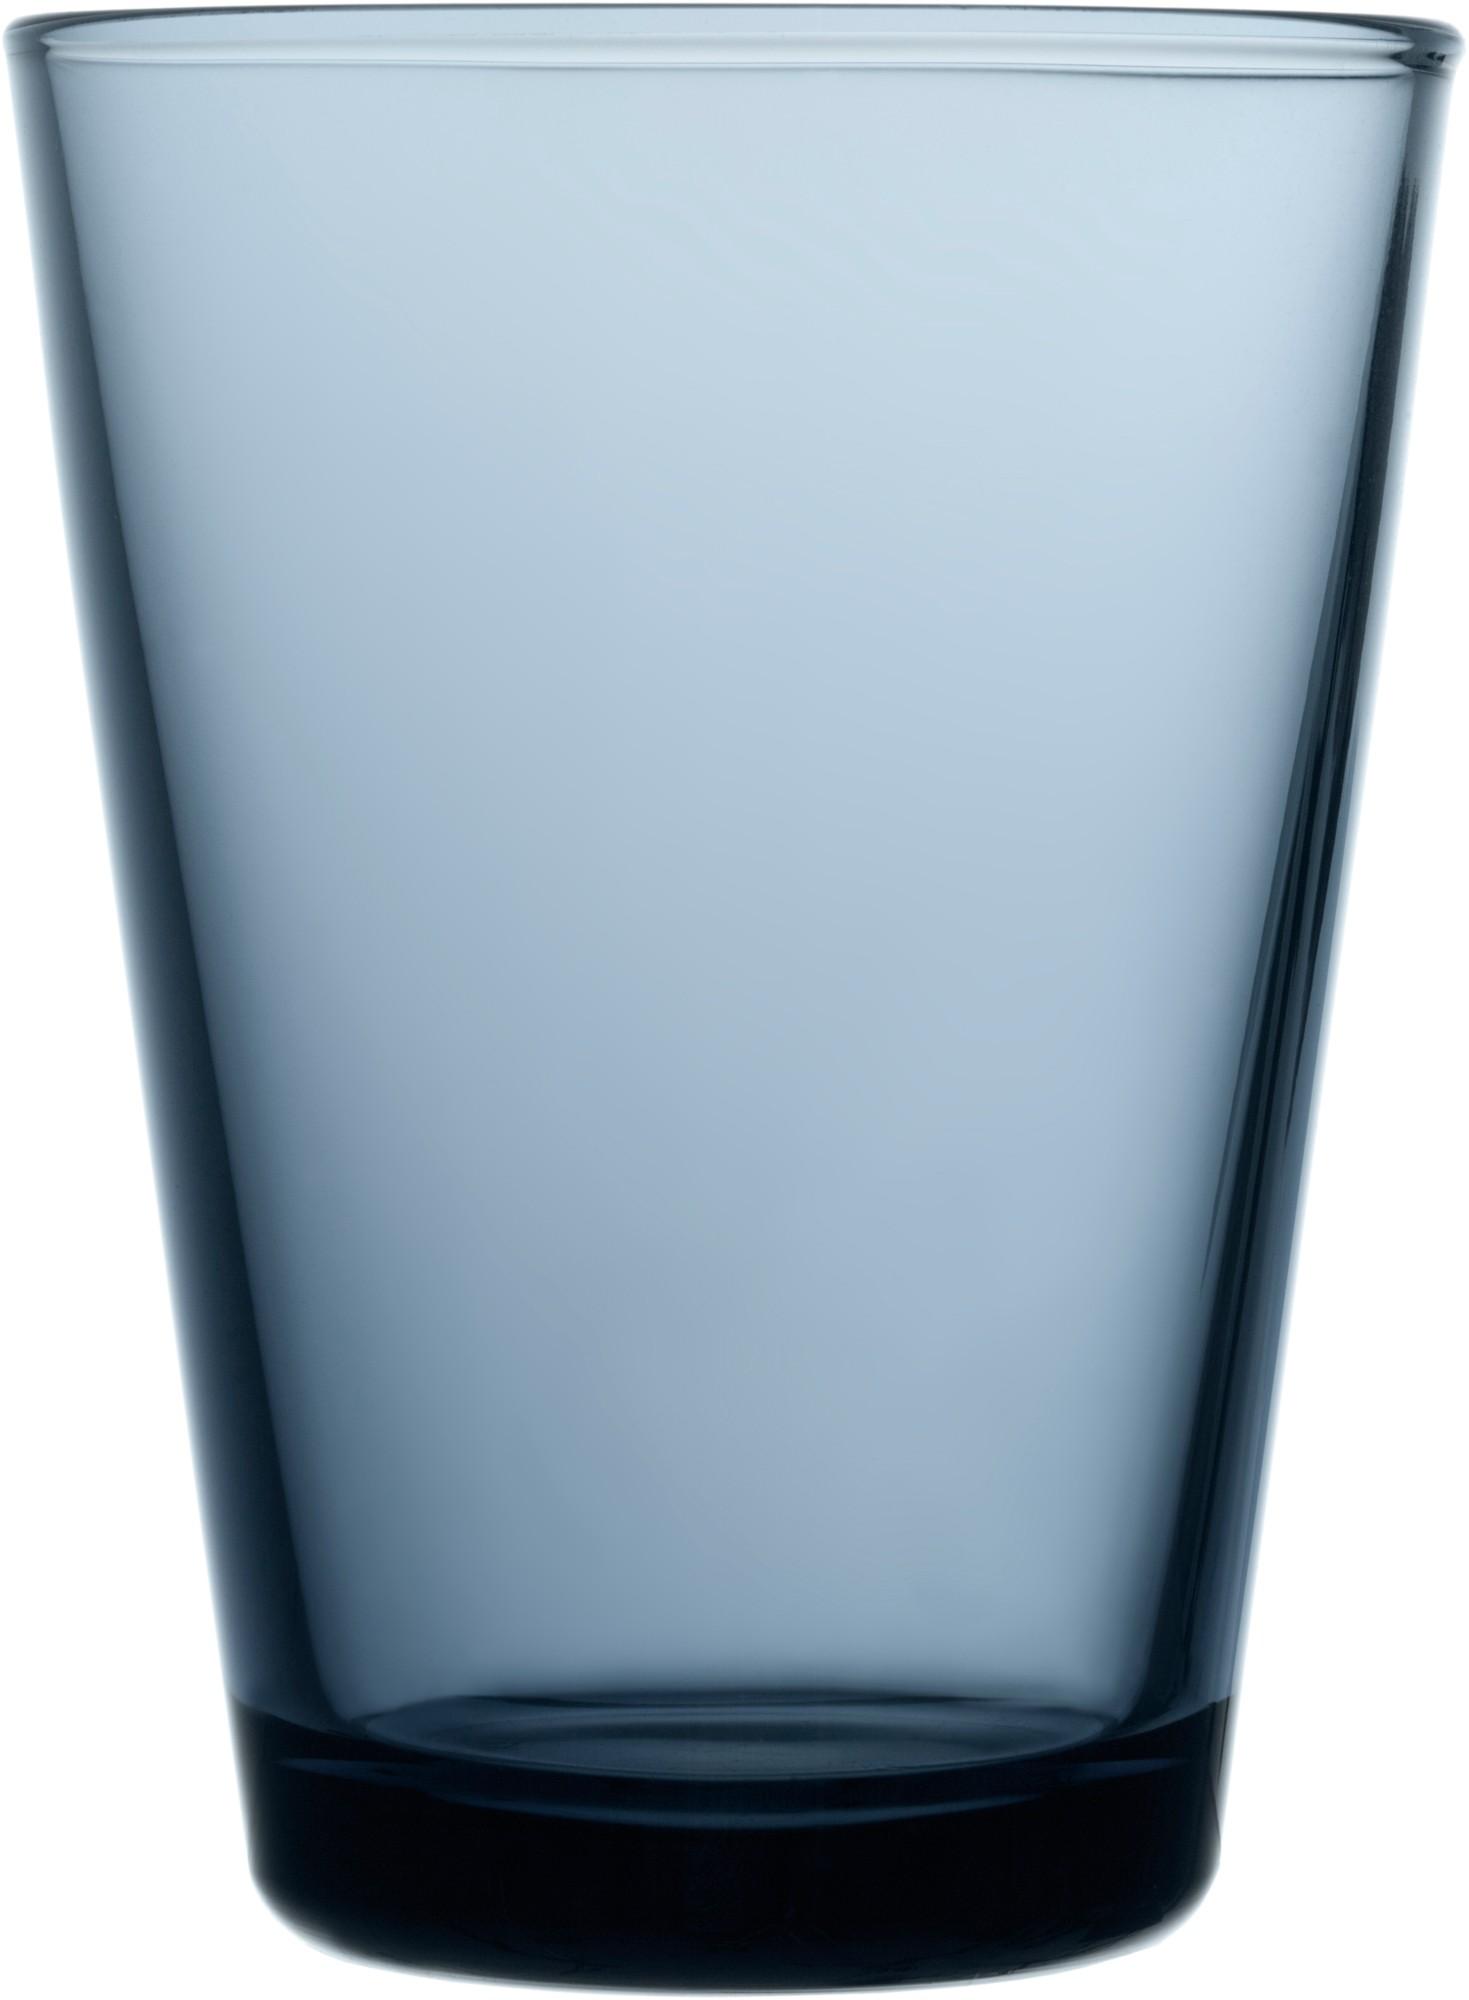 Iittala - Kartio juomalasi 40 cl sade 2 kpl - Iittala.com FI 5371b35fad